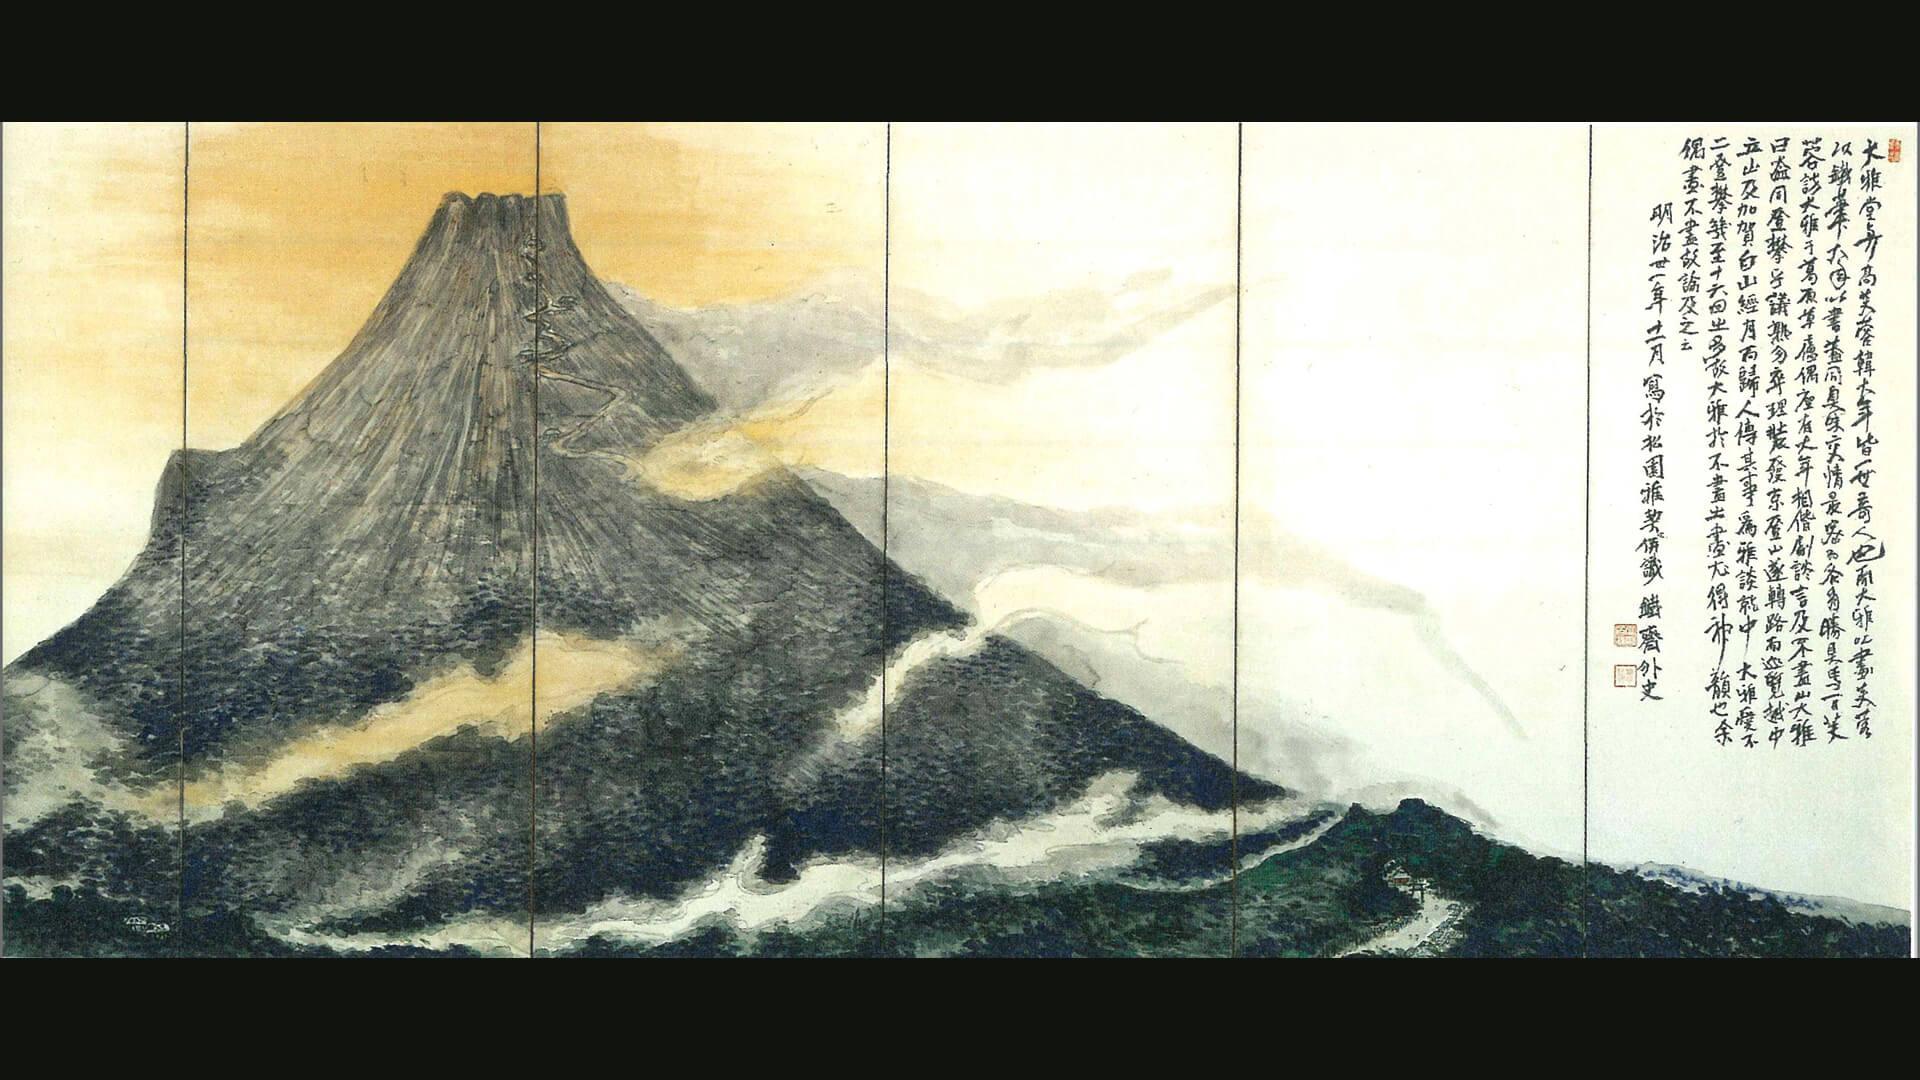 富岡鉄斎 tomioka tessai / 富士山図